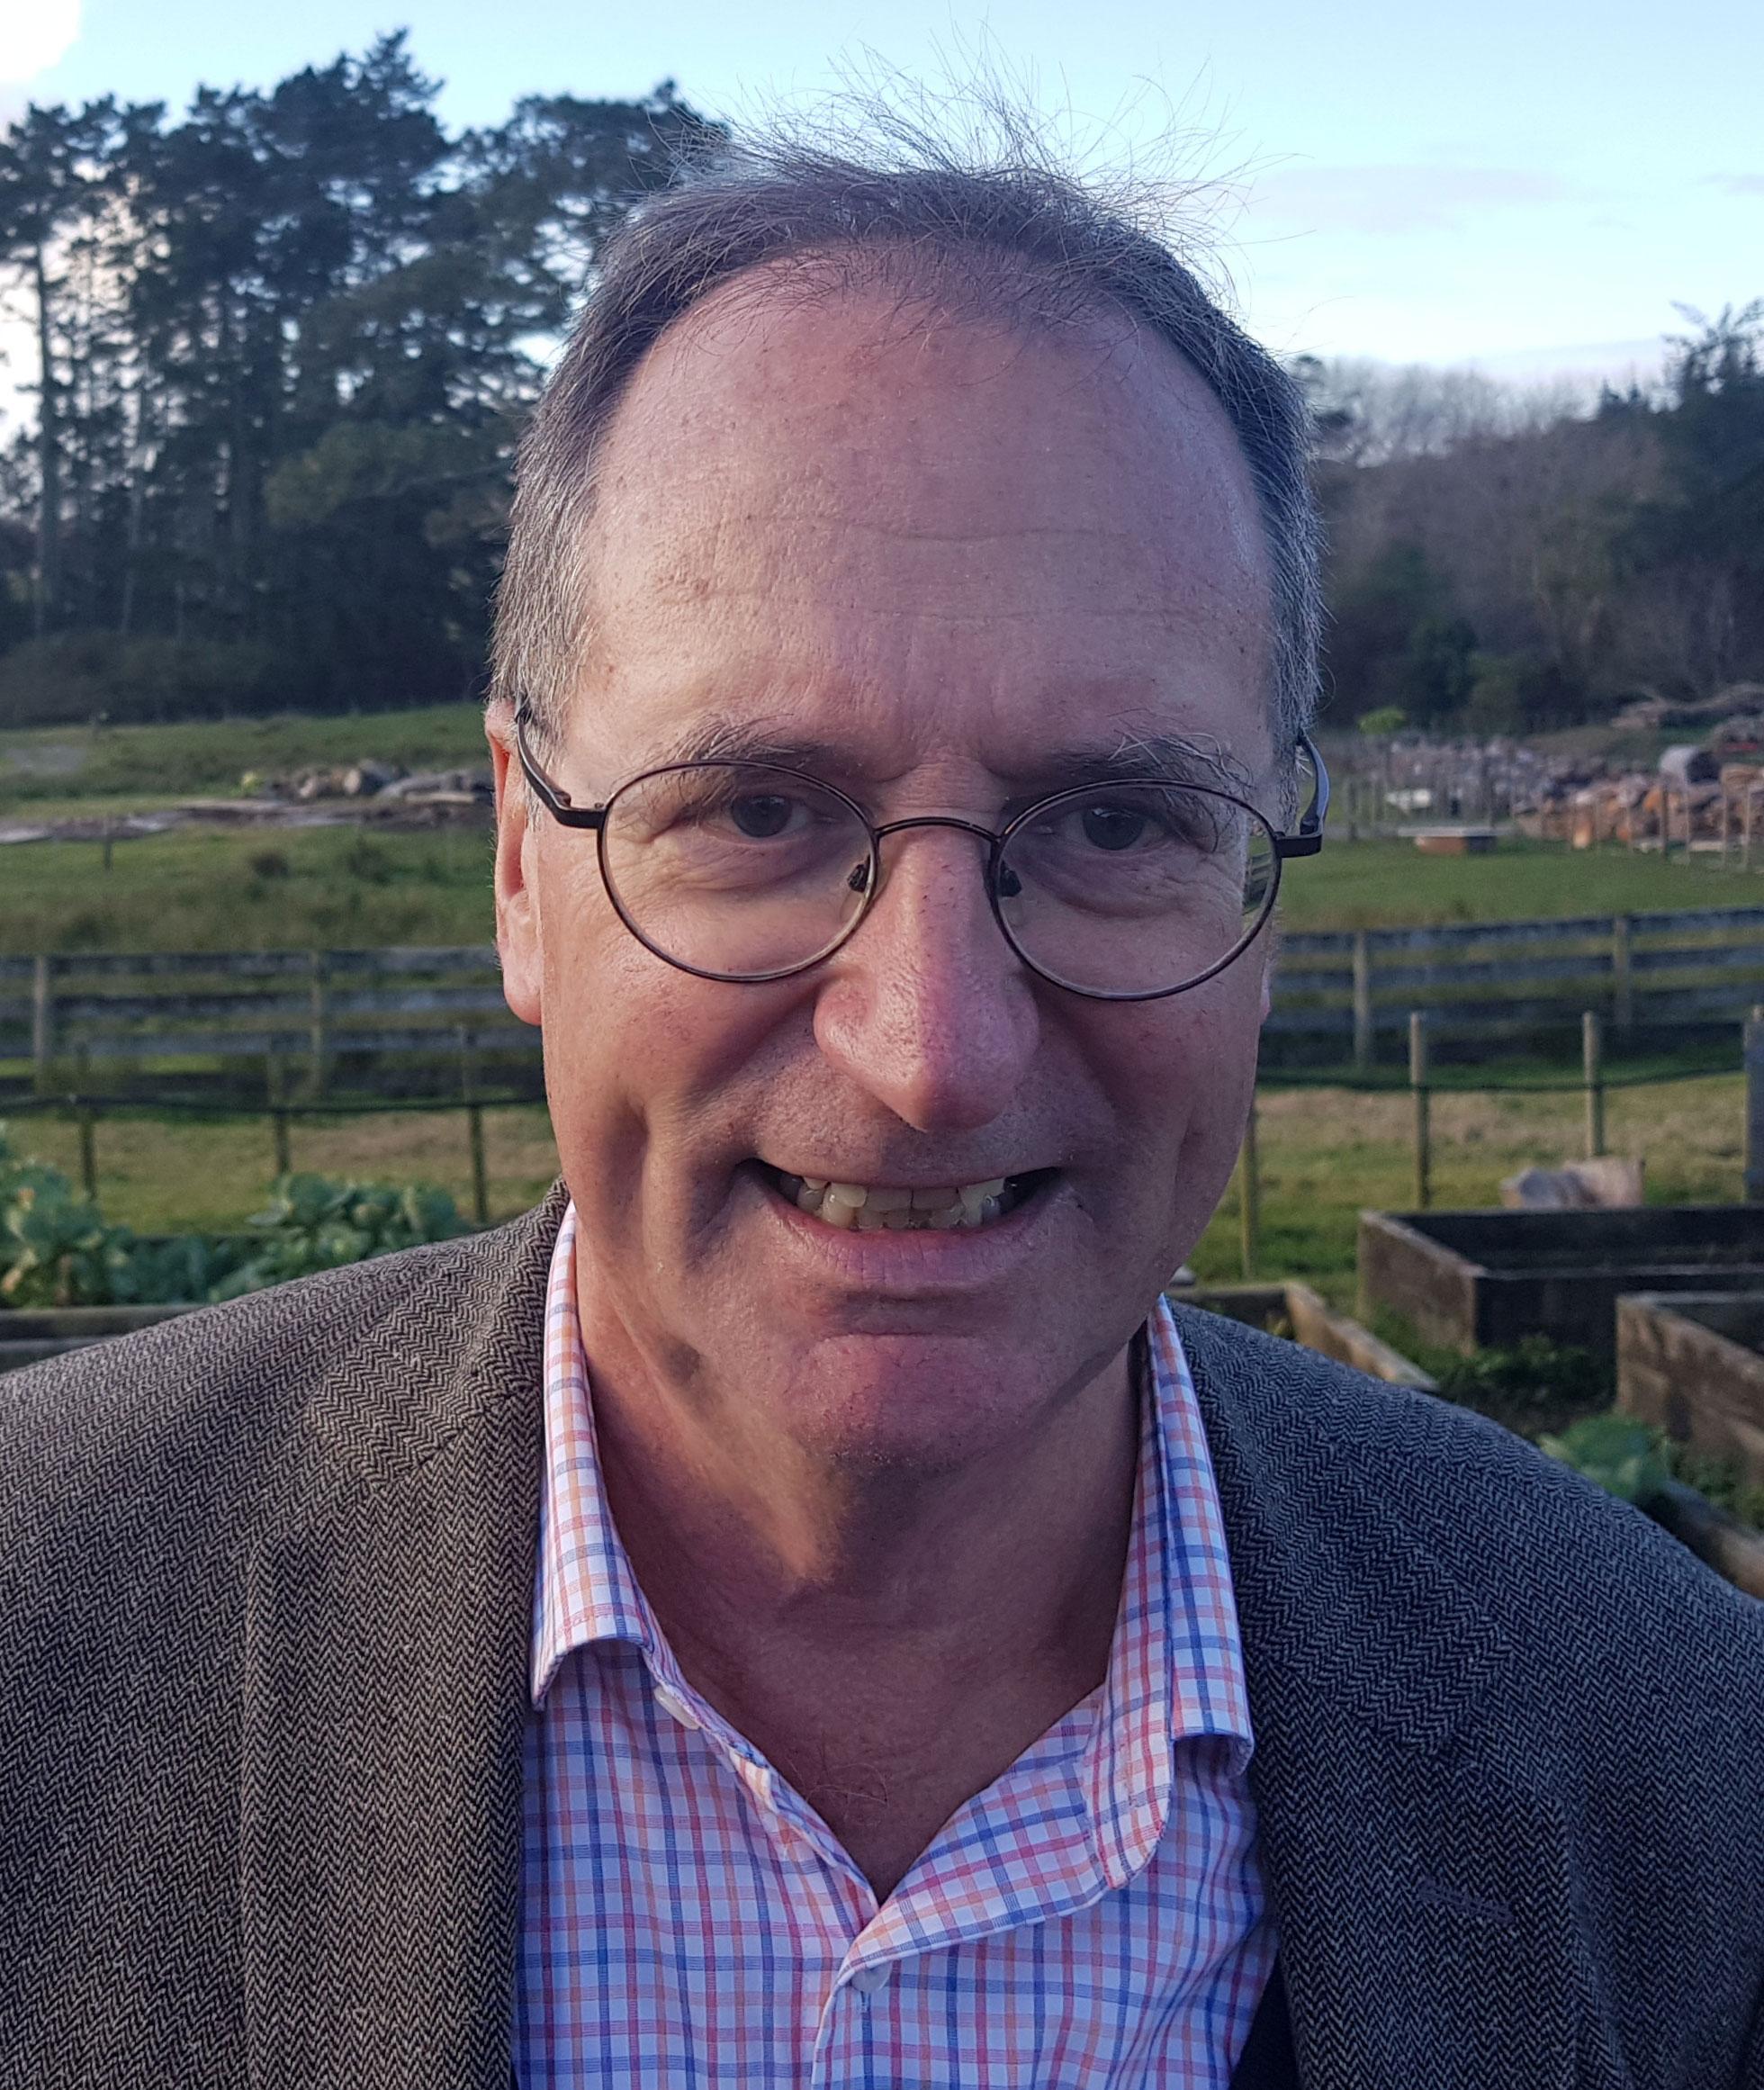 John Turrall